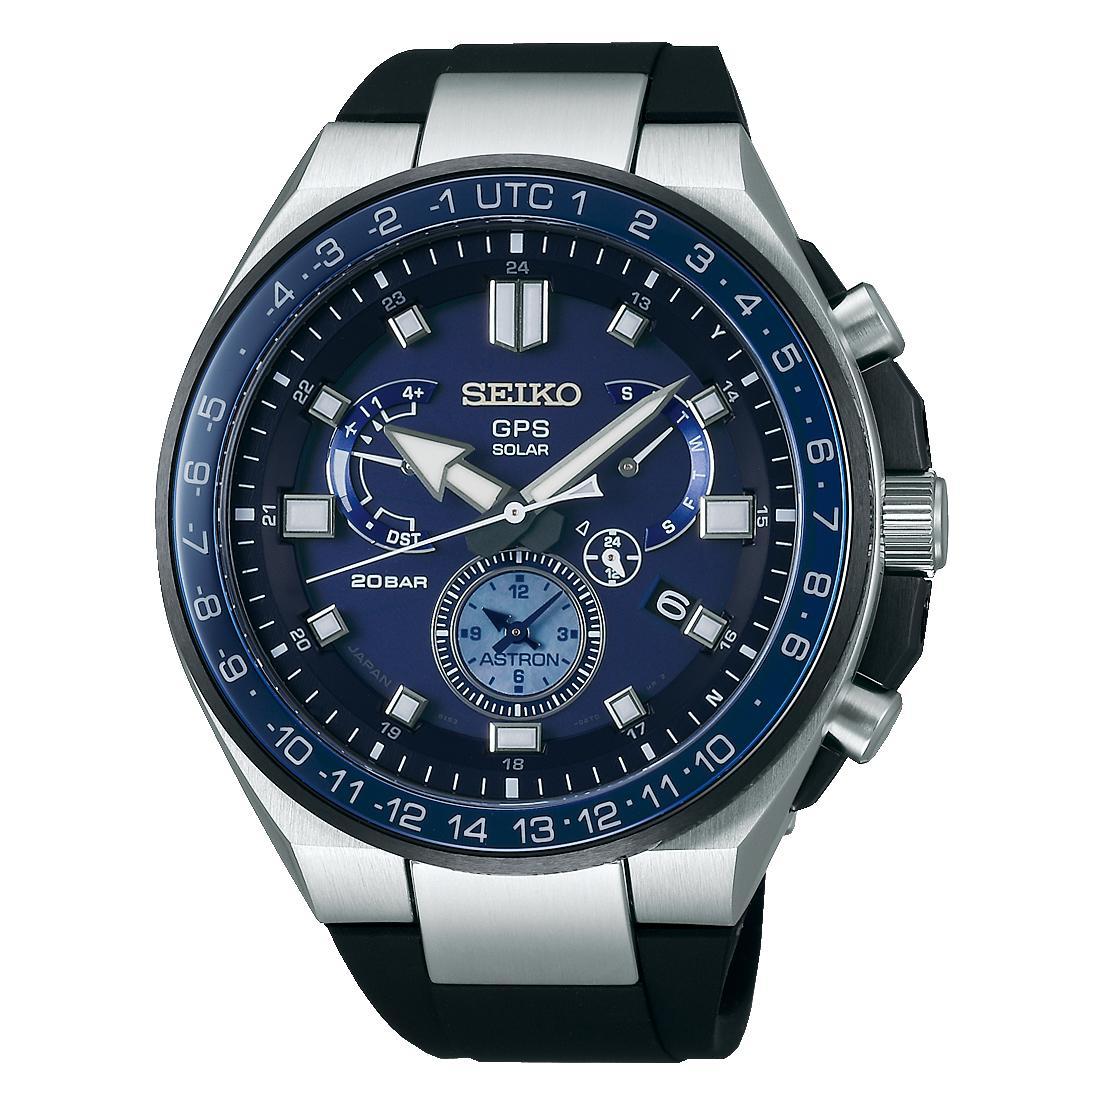 SEIKO ASTRON/セイコー アストロン SBXB167 8X53 Executive Sports Line エグゼクティブスポーツライン